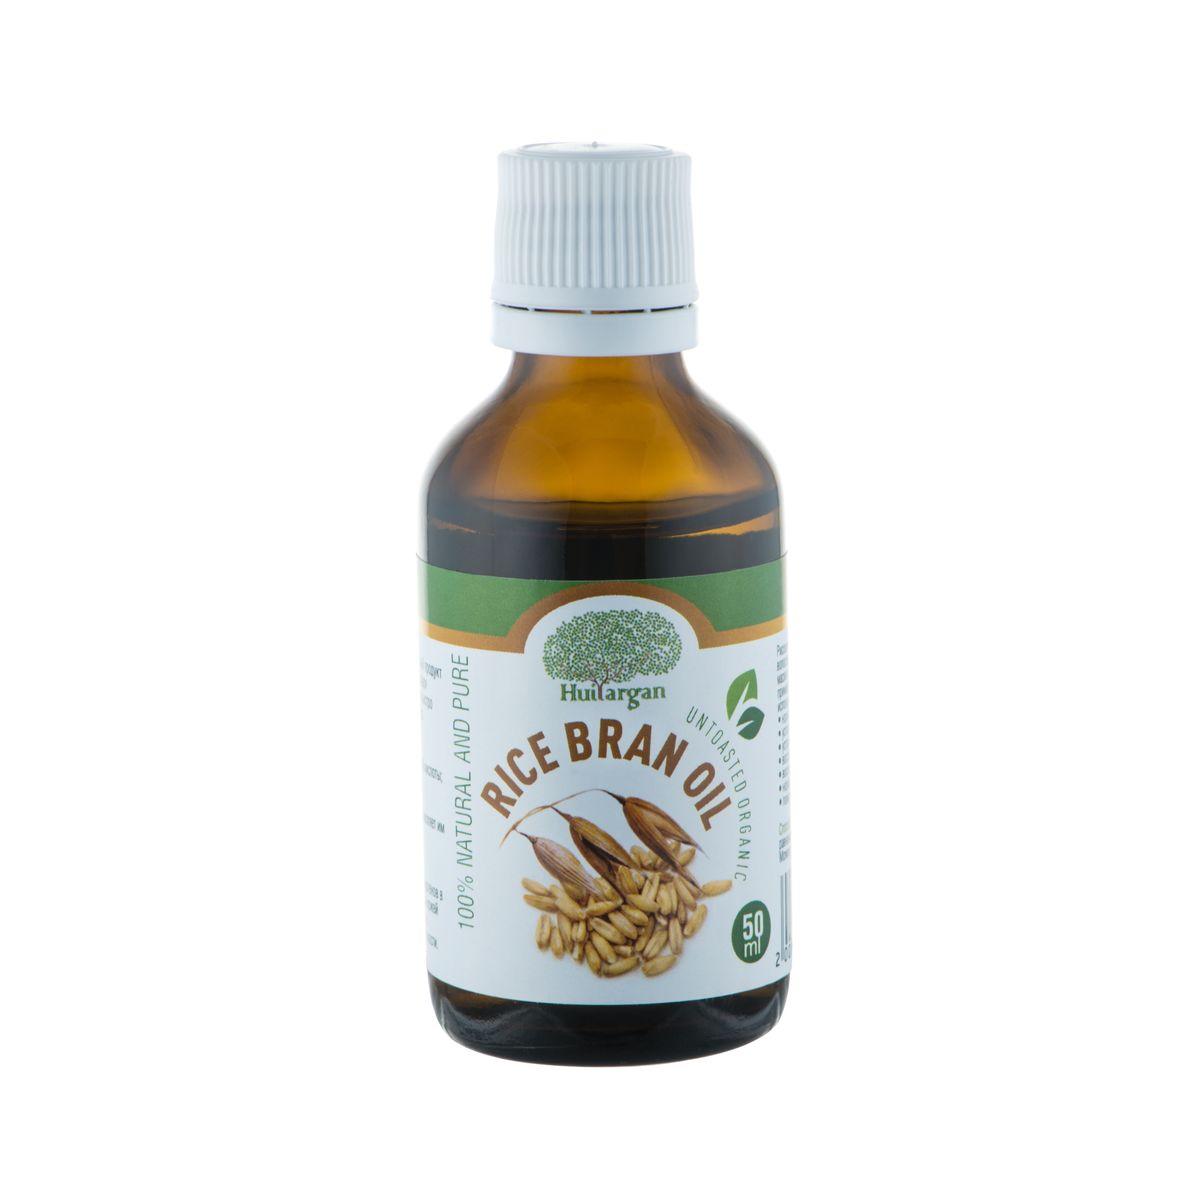 Huilargan Масло рисовых отрубей, 100% натуральное, 50 мл72523WDМасло рисовых отрубей (Rice bran oil ) - уникальный продукт рекомендован для сухой и увядающей кожи. Благодаря глубокому проникновению в кожу, рисовое масло быстро впитывается и попадает в нижние слои эпидермиса. Оно проявляет следующие действия:- провоцирует выработку эластина и гиалуроновой кислоты;- насыщает клетки витаминами;- увлажняет кожу и препятствует потере влаги;- разглаживает уже имеющиеся морщины и не позволяет им закладываться в будущем;- обновляет кожный покров;- выравнивает рельеф, улучшает цвет лица.Благодаря мягкому воздействию и отсутствию аллергенов в составе, продукт используется для ухода за нежной кожей вокруг глаз. Масло питает кожу век, подтягивает ее, разглаживает мелкие морщины и препятствует отечности.Рисовое масло способствует активизации замерших волосяных луковиц и укреплению корней волос. Массаж и маски с маслом рисовых отрубей уже через 10 дней применения покажут видимые результаты. Кроме того, его использования произведет дополнительные эффекты:- нормализует жирность кожи головы;- успокоит раздражение;- устранит перхоть;- восстановит даже сильно поврежденные волосы;- восполнит недостаток витаминов;- нормализует кислотный баланс;- поможет справиться с секущимися кончиками.